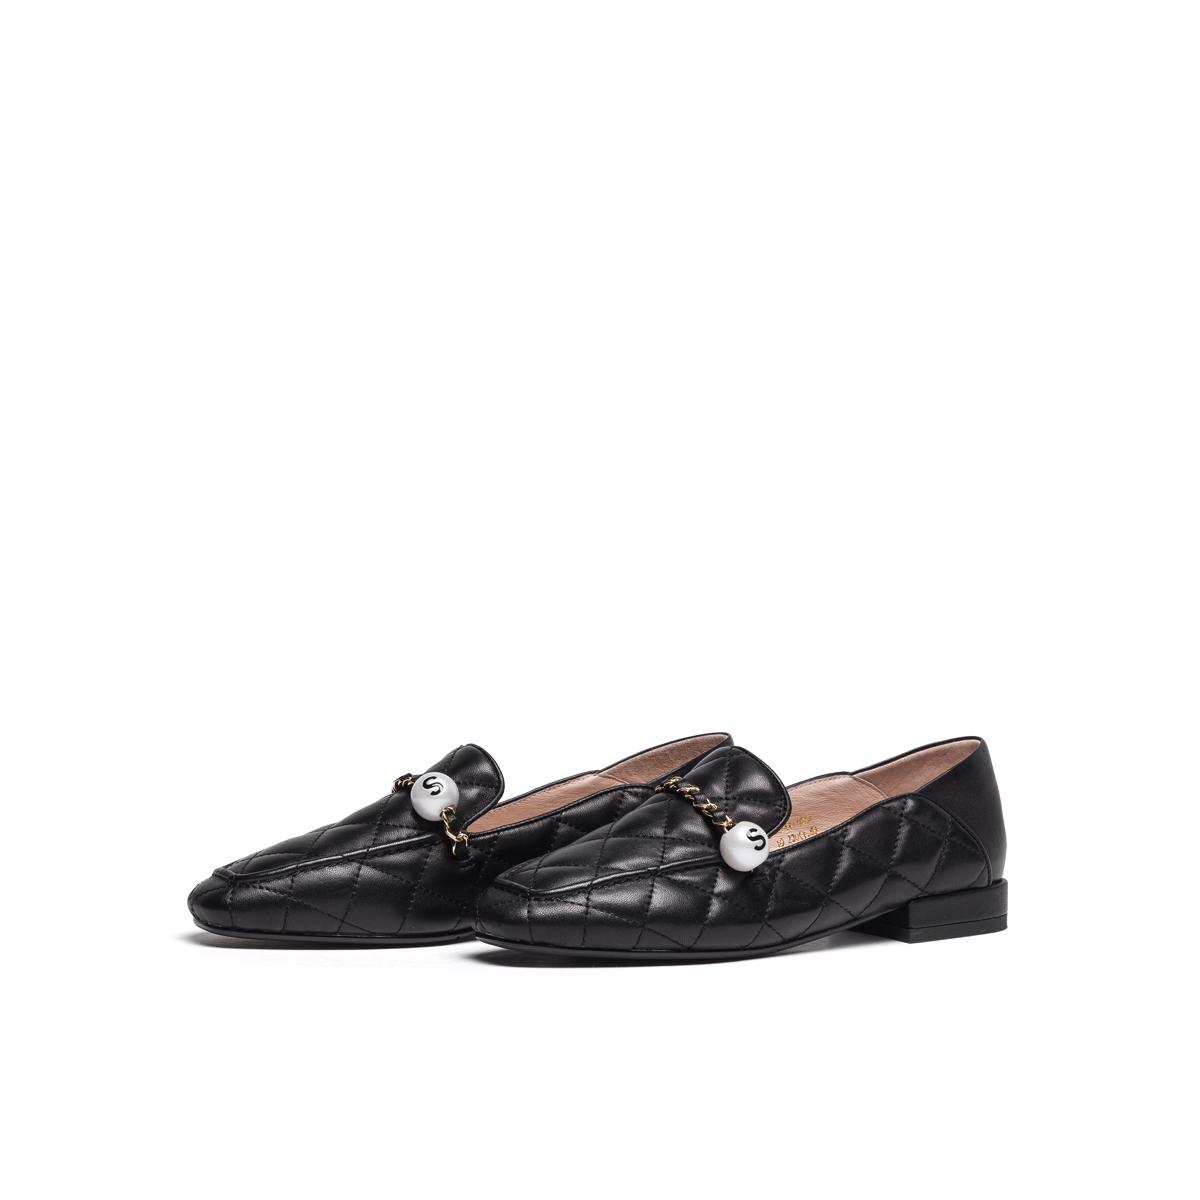 SS11111039 春季新款方头低跟舒适商场同款女单鞋 2021 星期六乐福鞋